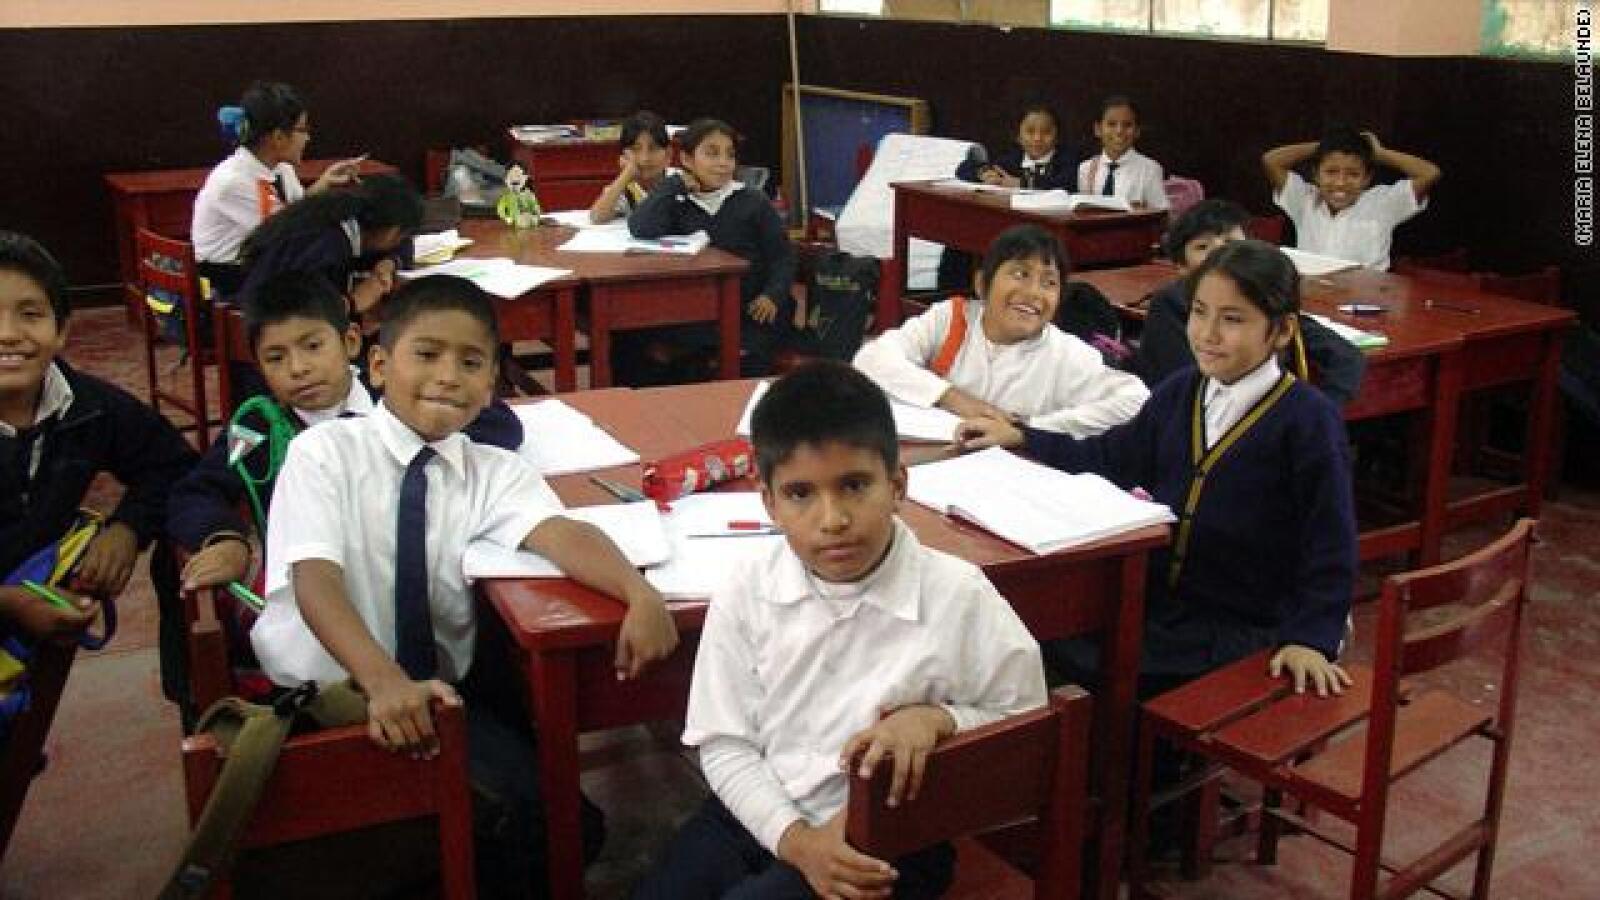 Con sus compañeros en su colegio público de Lima.